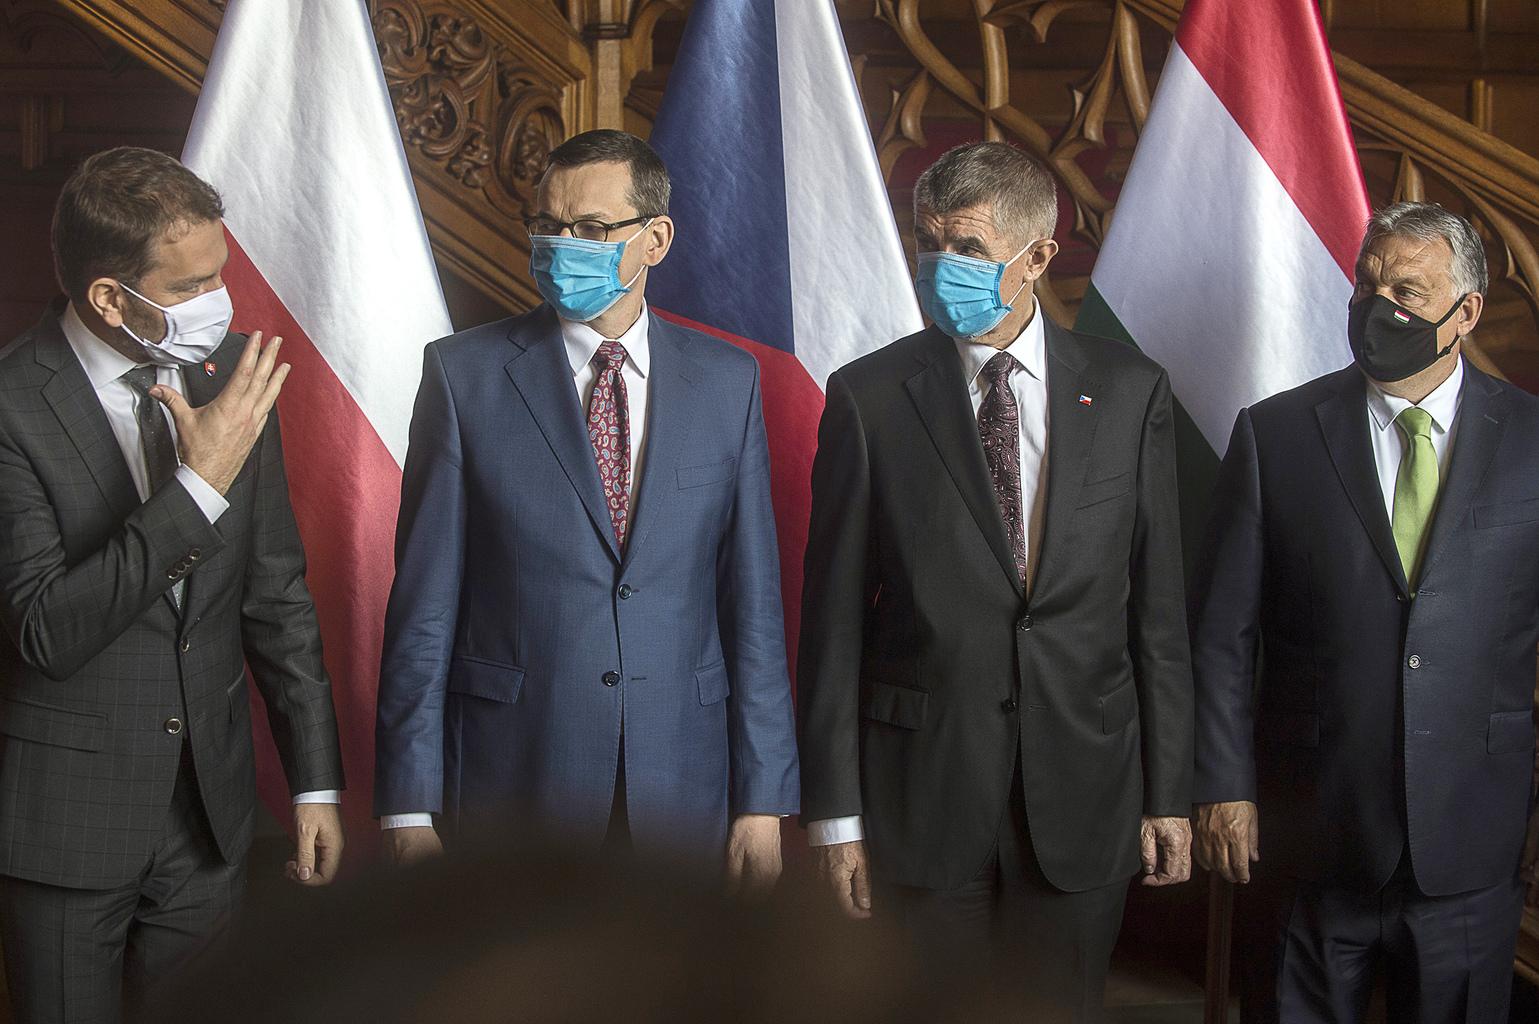 Igor Matovic szlovák, Mateusz Morawiecki lengyel, Andrej Babis cseh és Orbán Viktor magyart miniszterelnökök maszkban tartanak közös sajtótájékoztatót a V4 csoport lednicei, Csehországban tartott megbeszélése után 2020. június 11-én Fotó:EUROPRESS/AFP/Michal Cizek #moszkvater